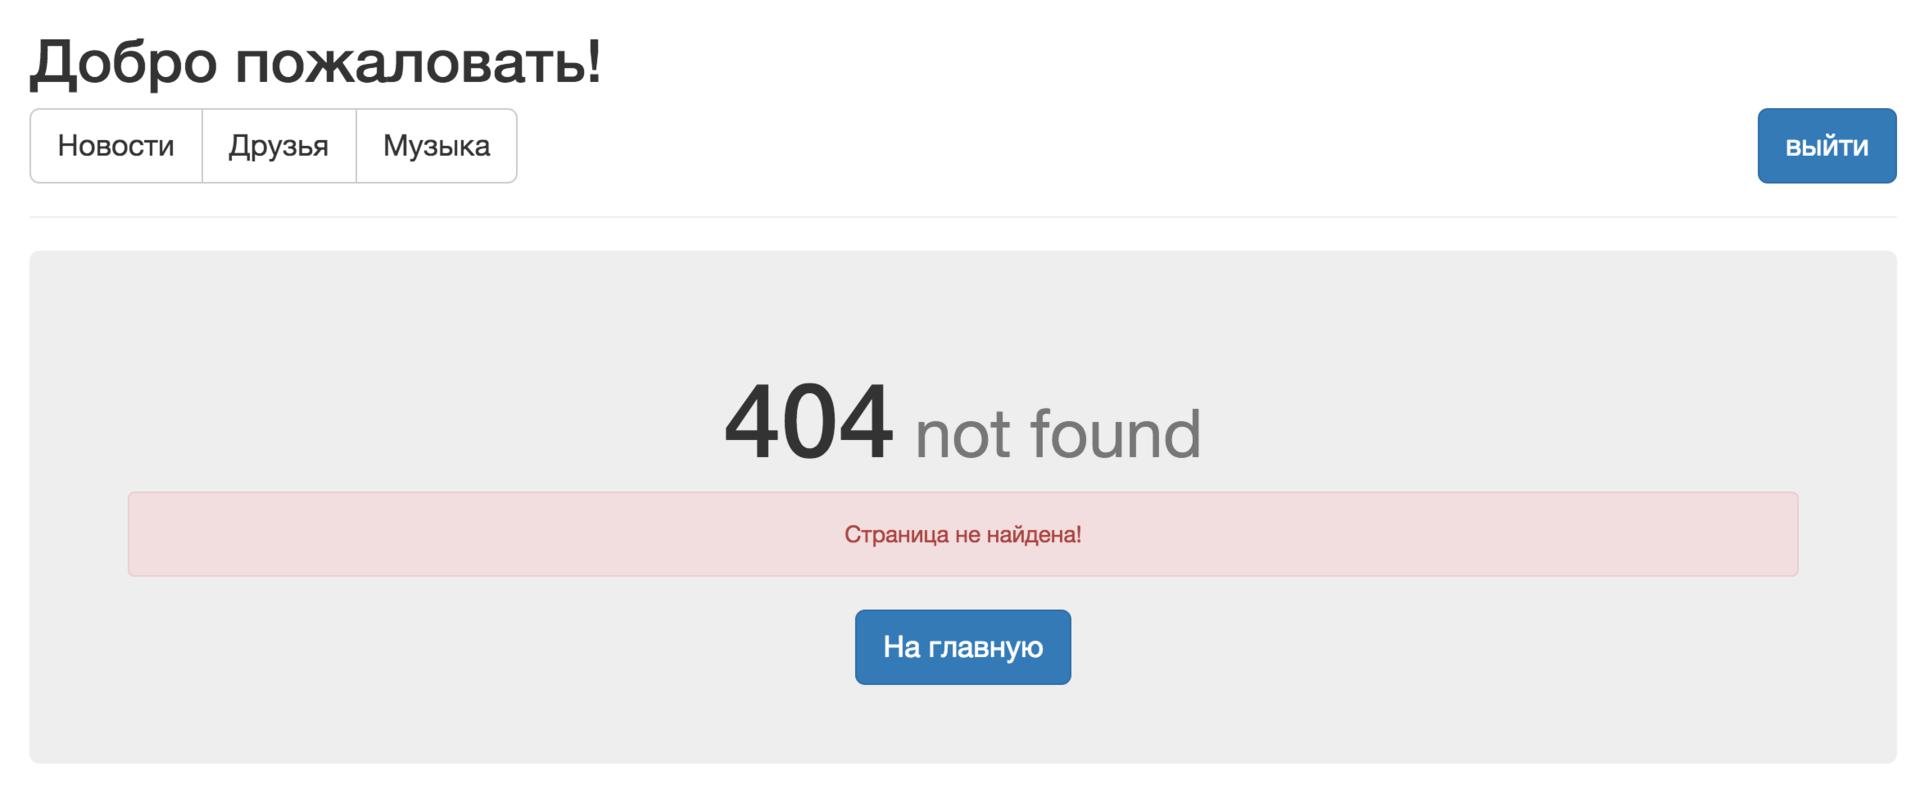 Делаем крутые Single Page Application на basis.js — часть 3. Клиент для «ВКонтакте» - 6